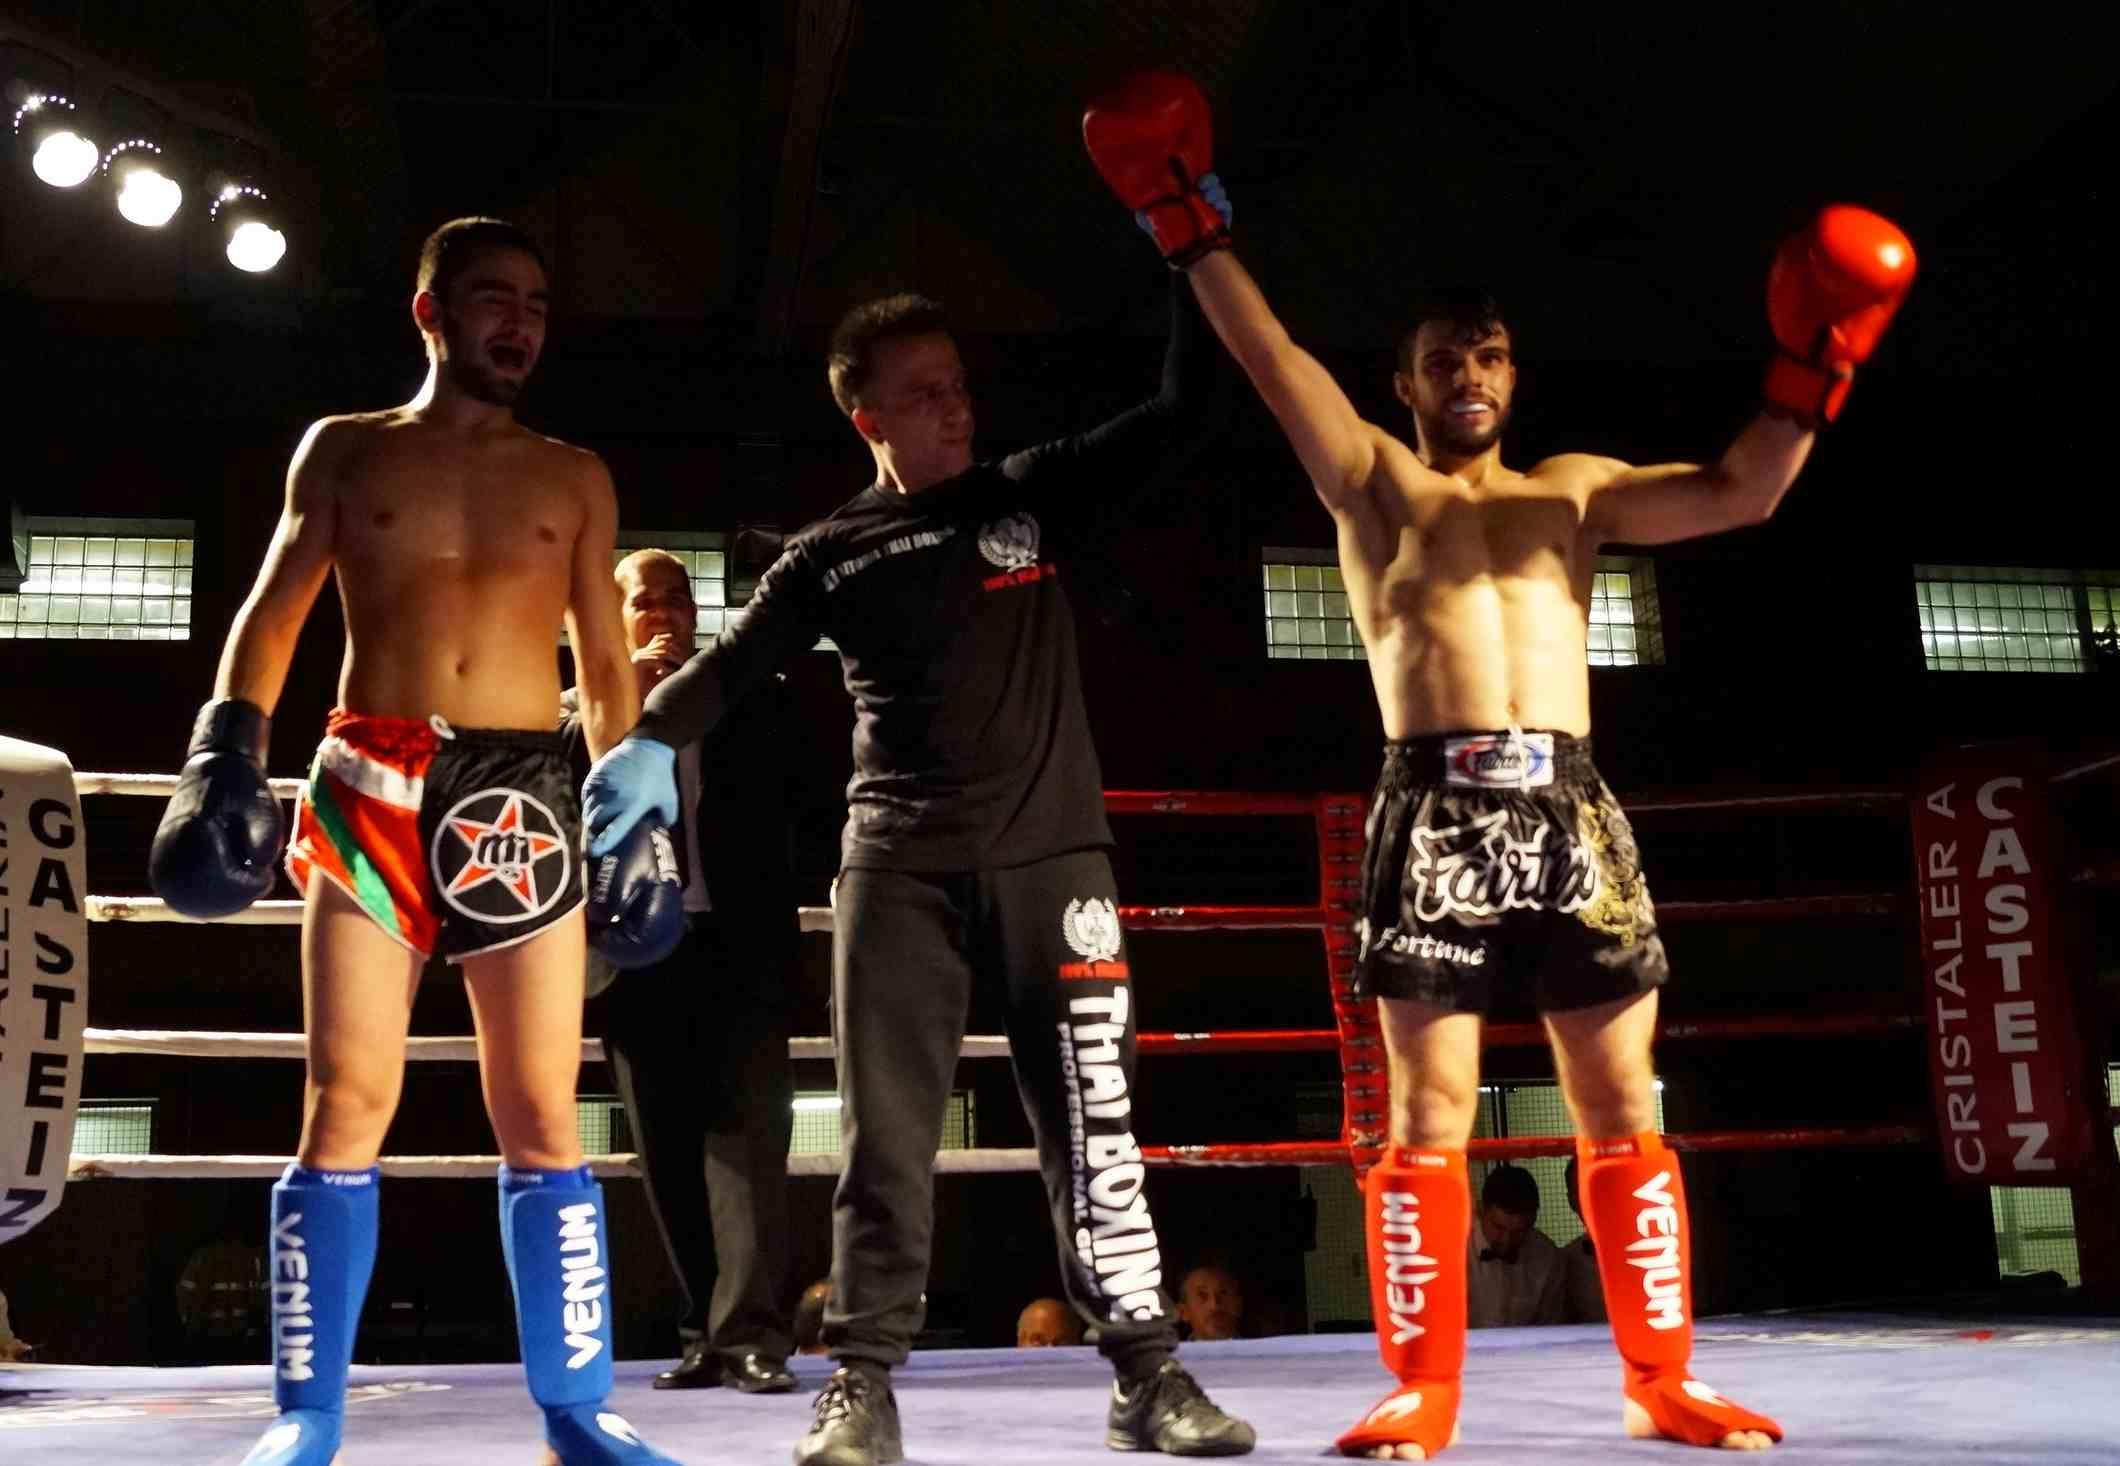 Ander Sánchez es proclamado ganador del combate de Kick-Boxing en la velada celebrada en Judimendi el pasado mes de noviembre